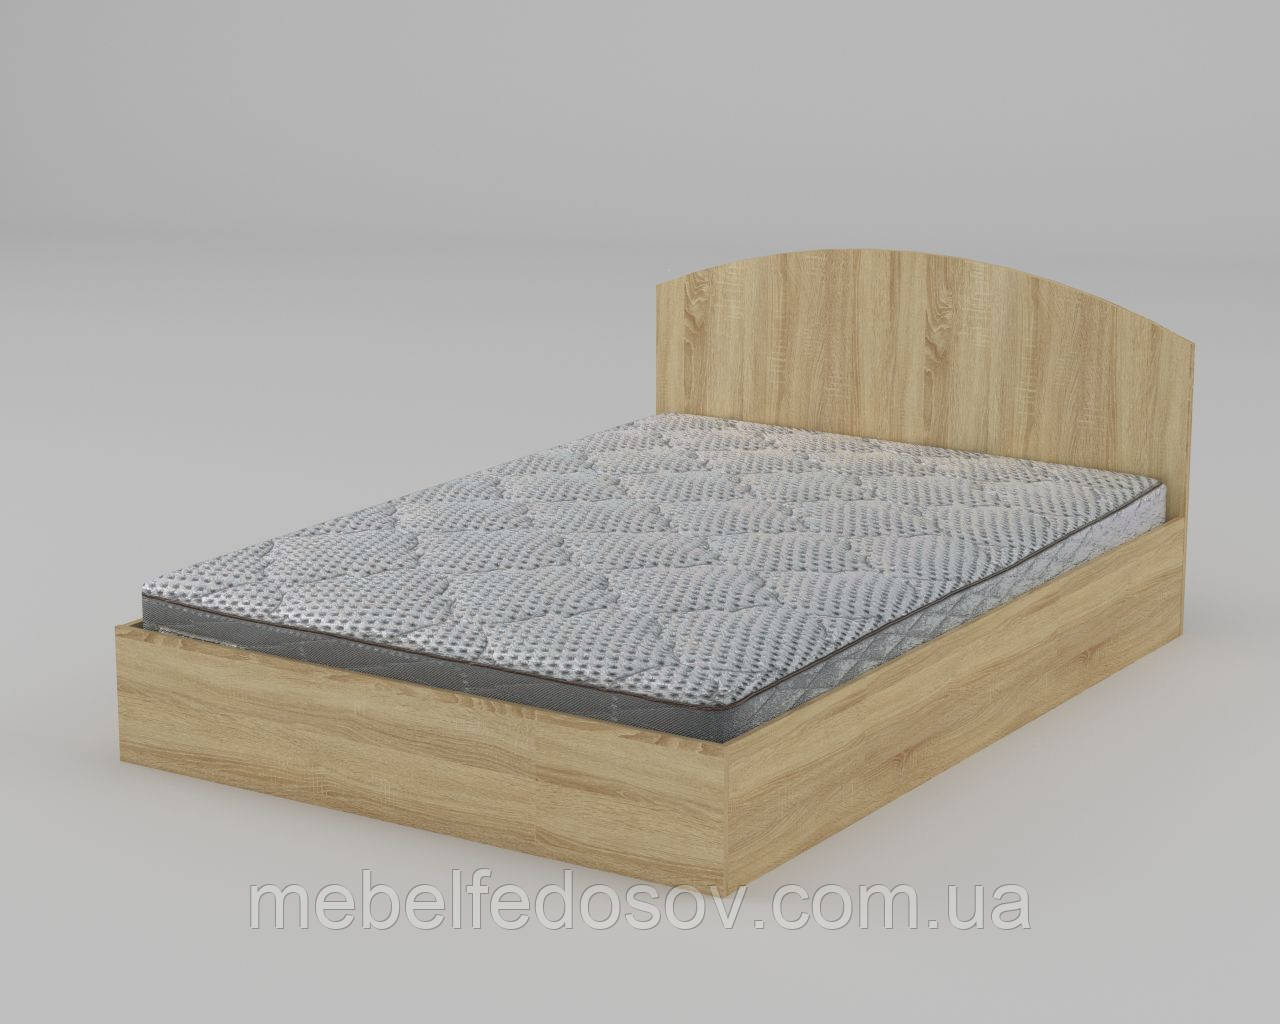 Кровать-140 полуторная ДСП (Компанит) 1444х2042х300/750мм